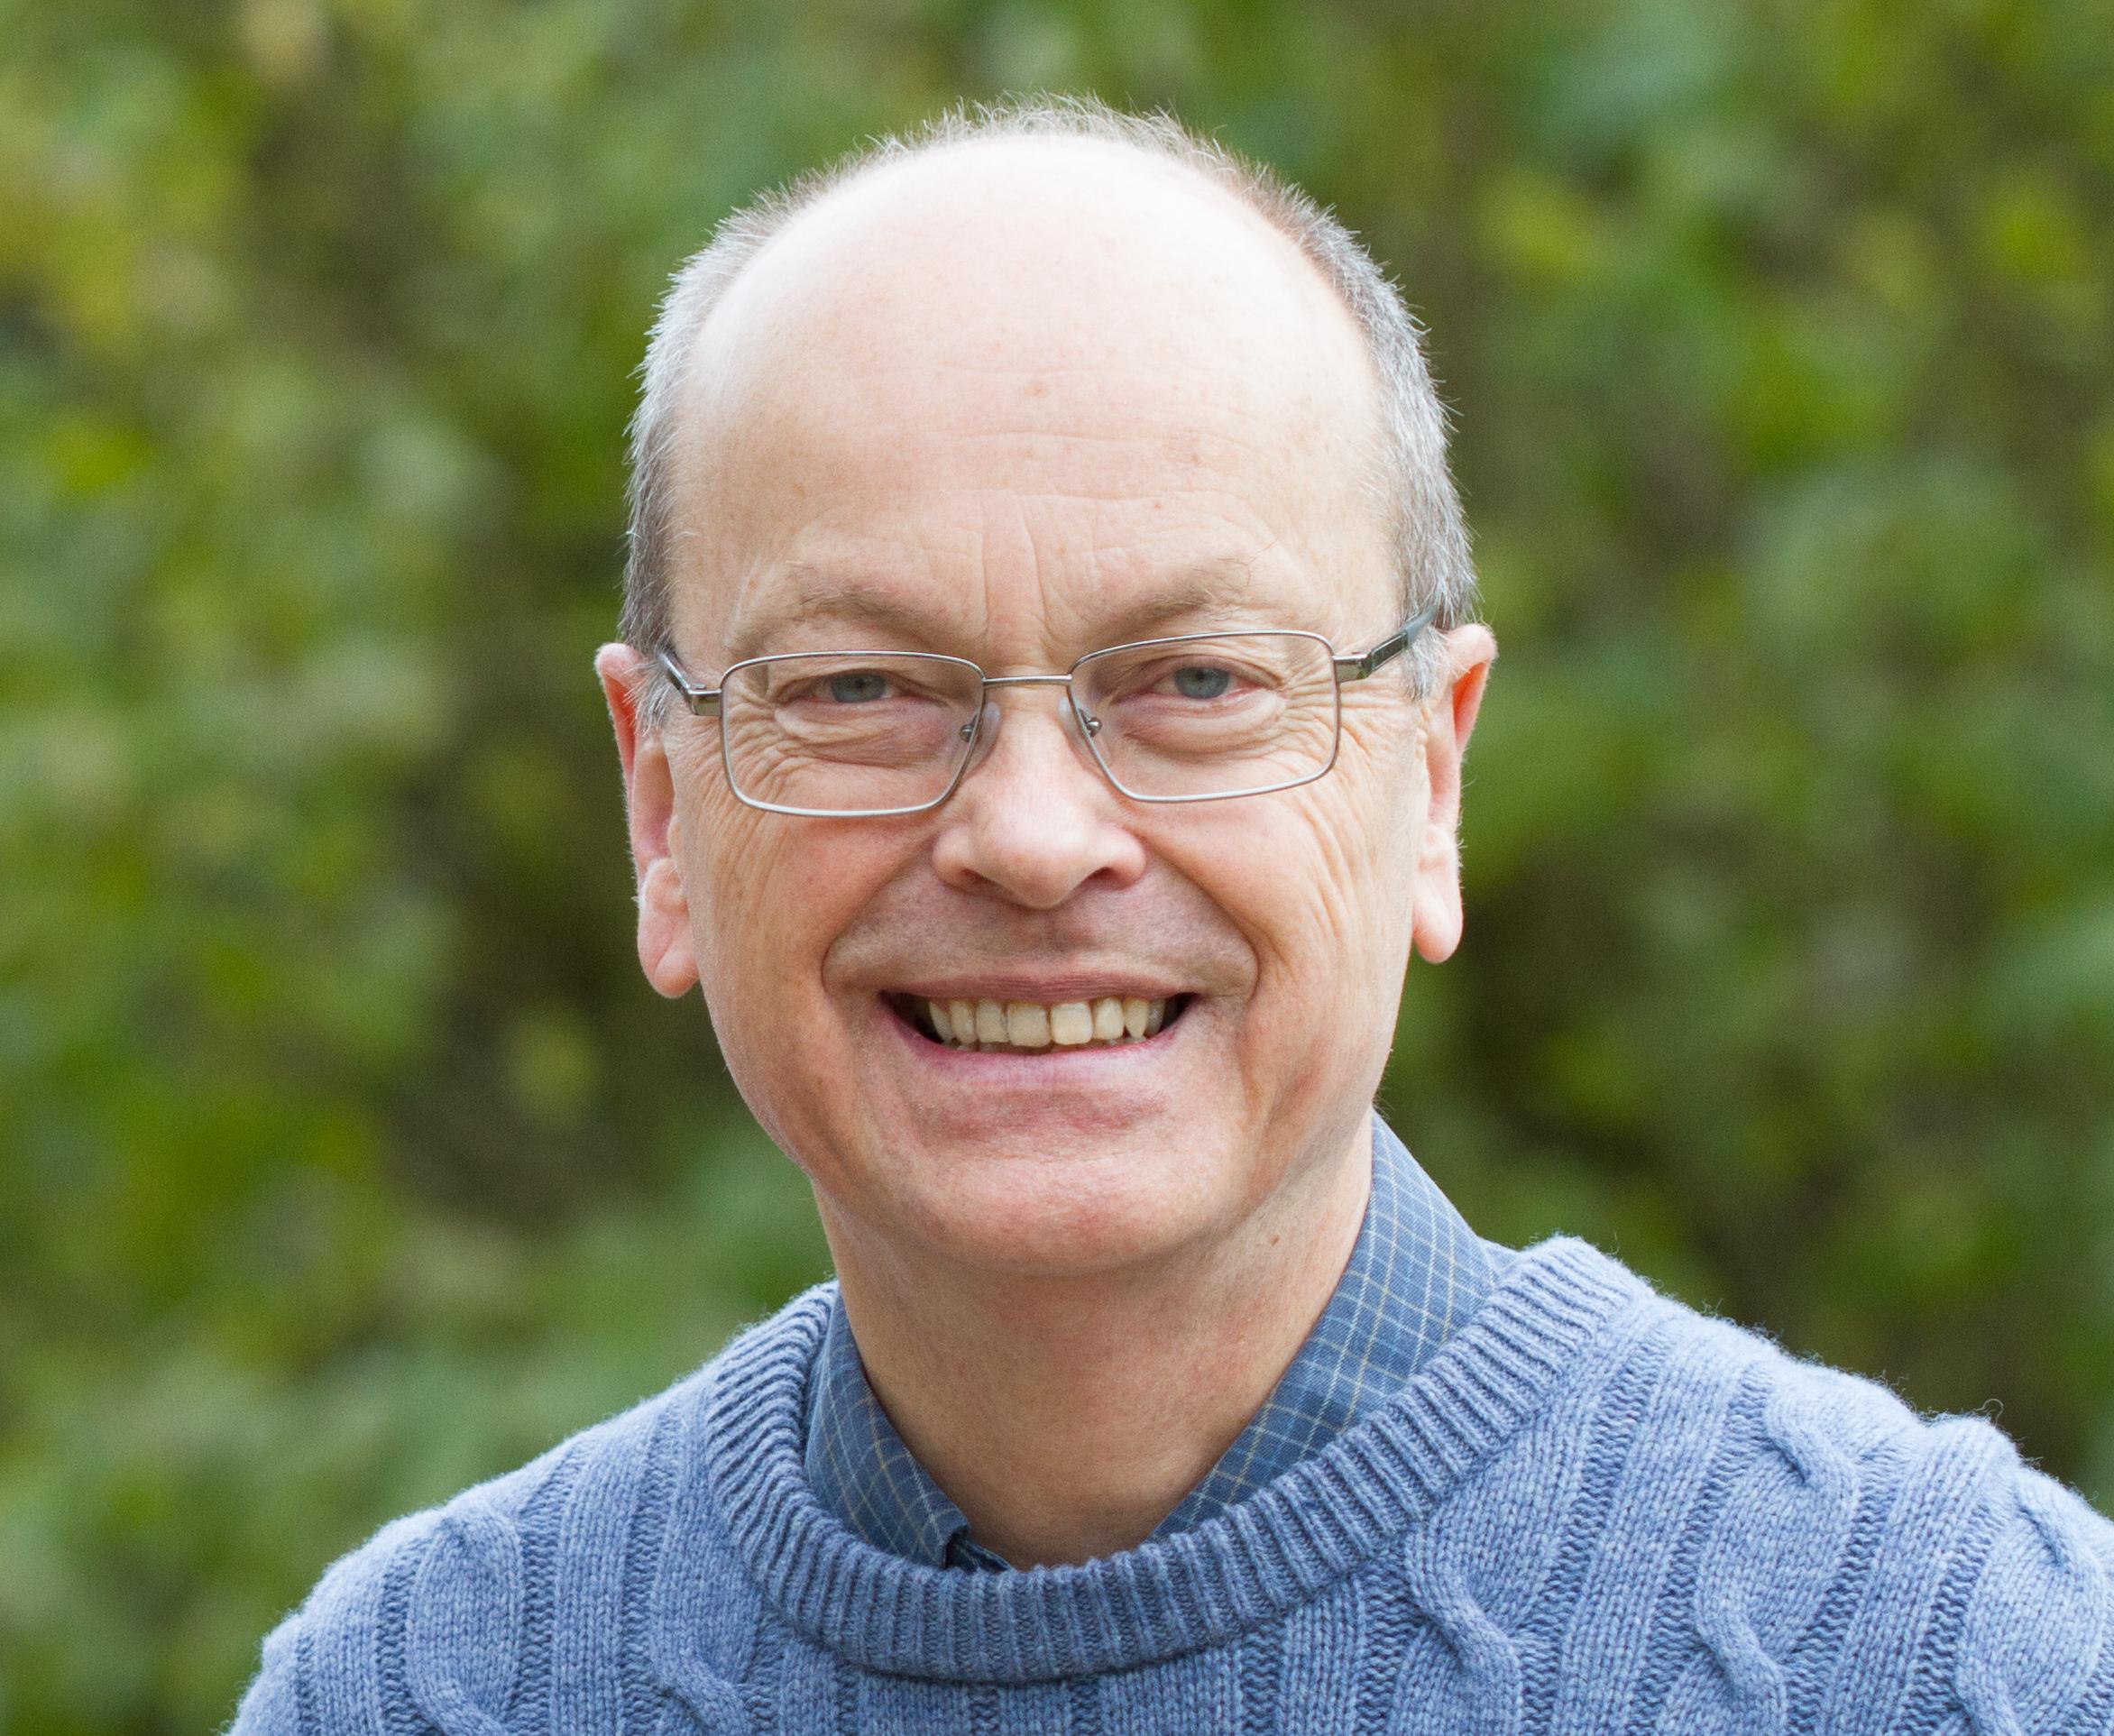 Duncan Hounsell